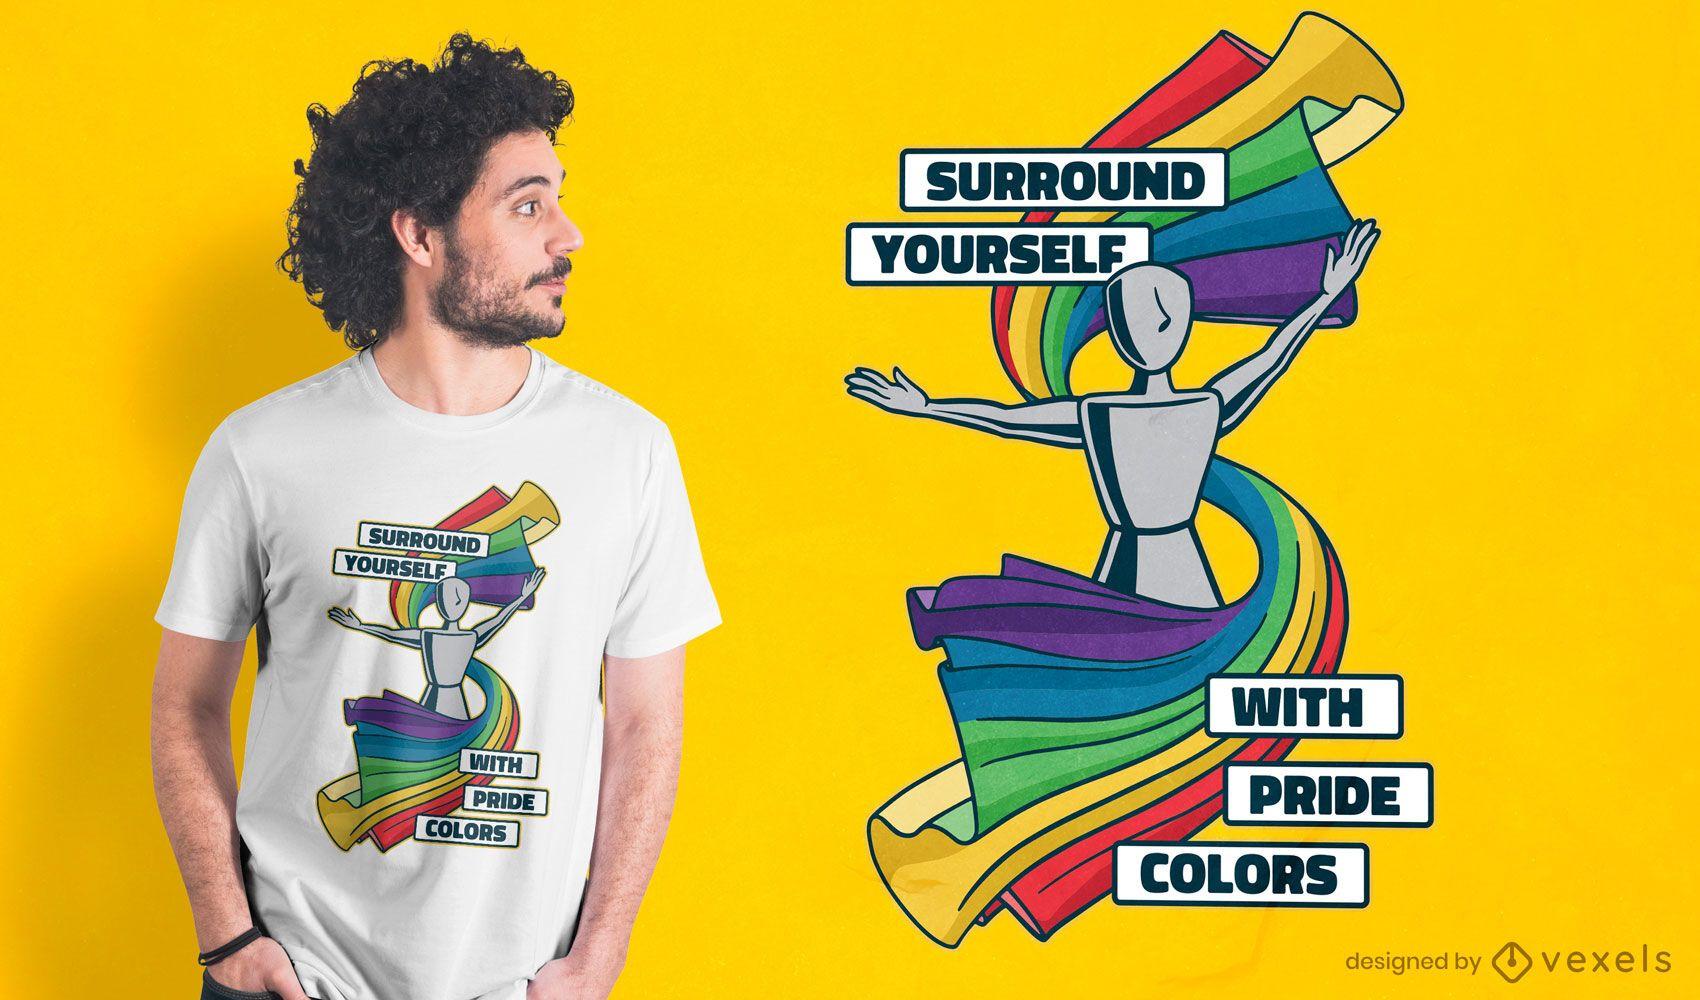 Diseño de camiseta Pride Colors.